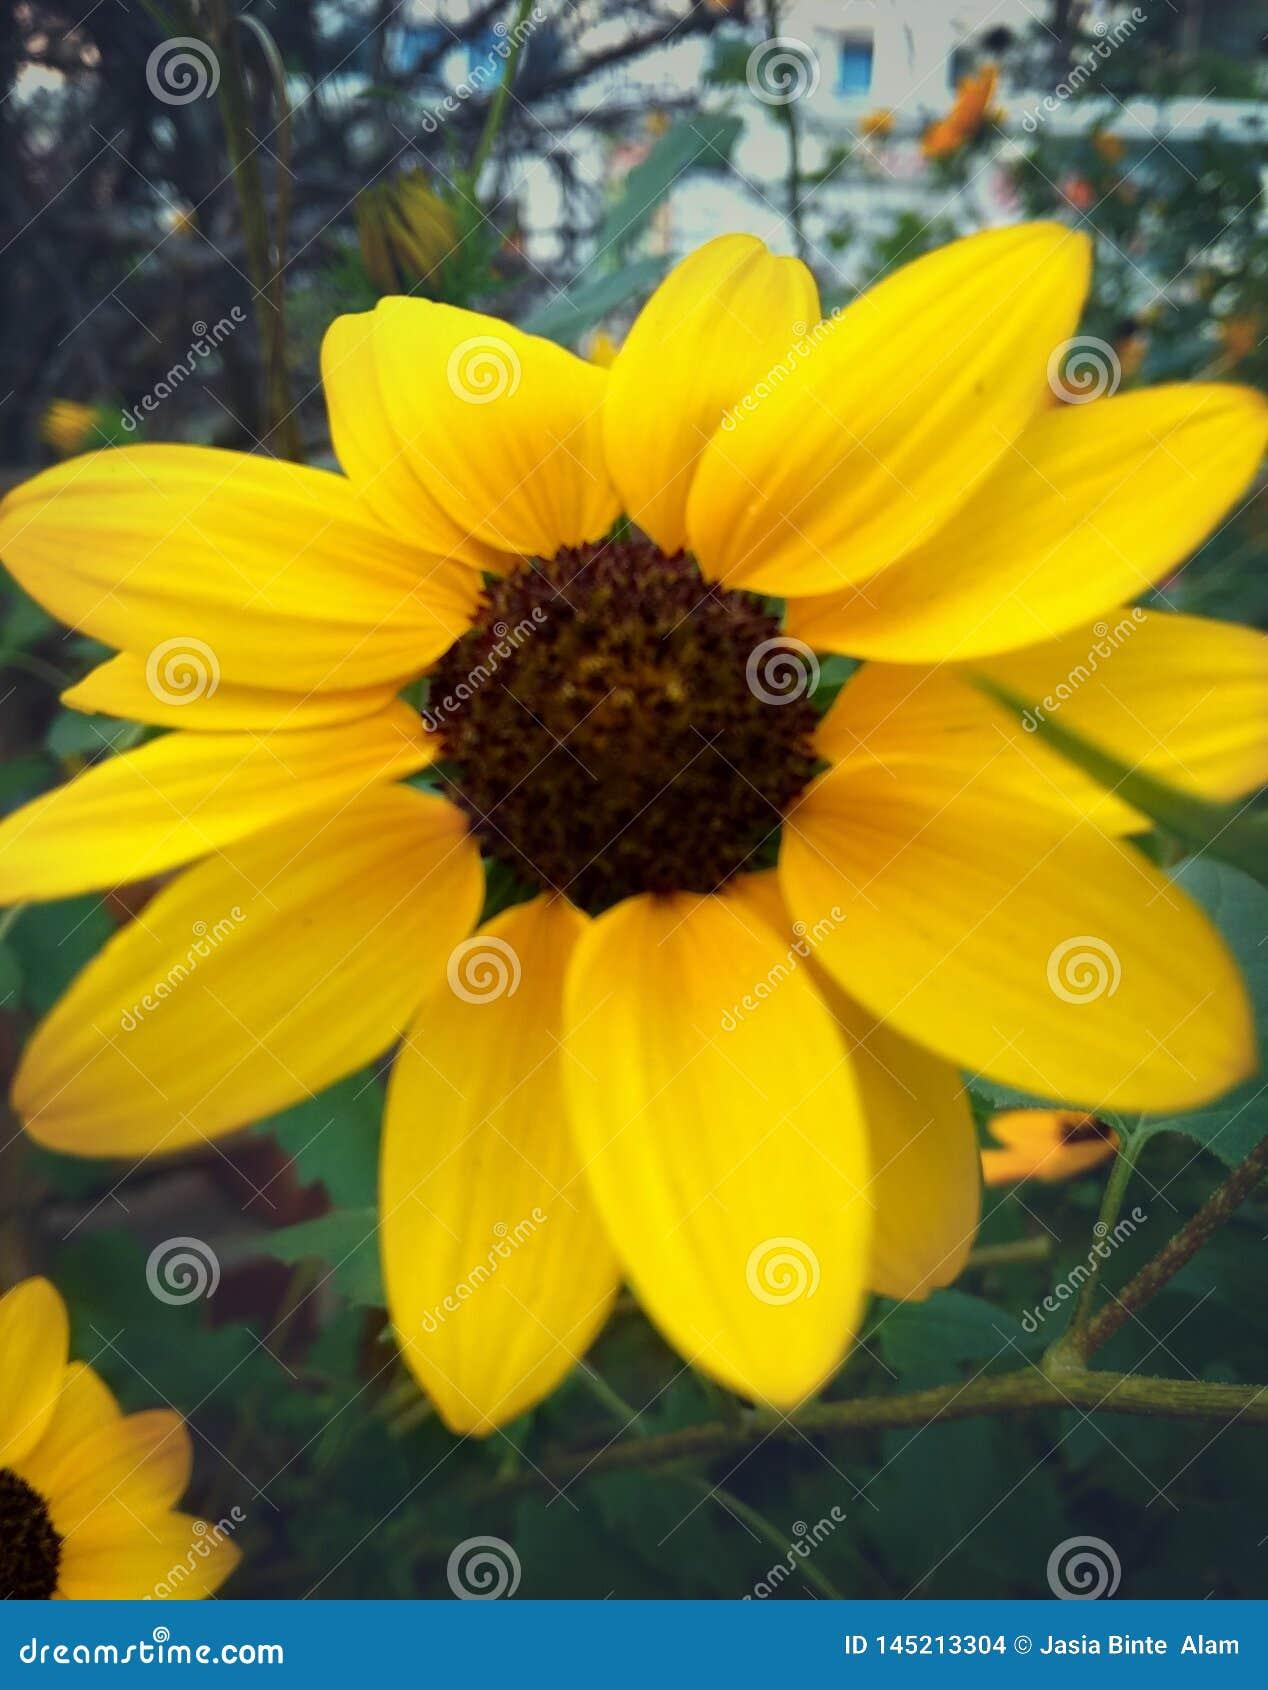 Sonnenblume blühte im Sommer im Garten